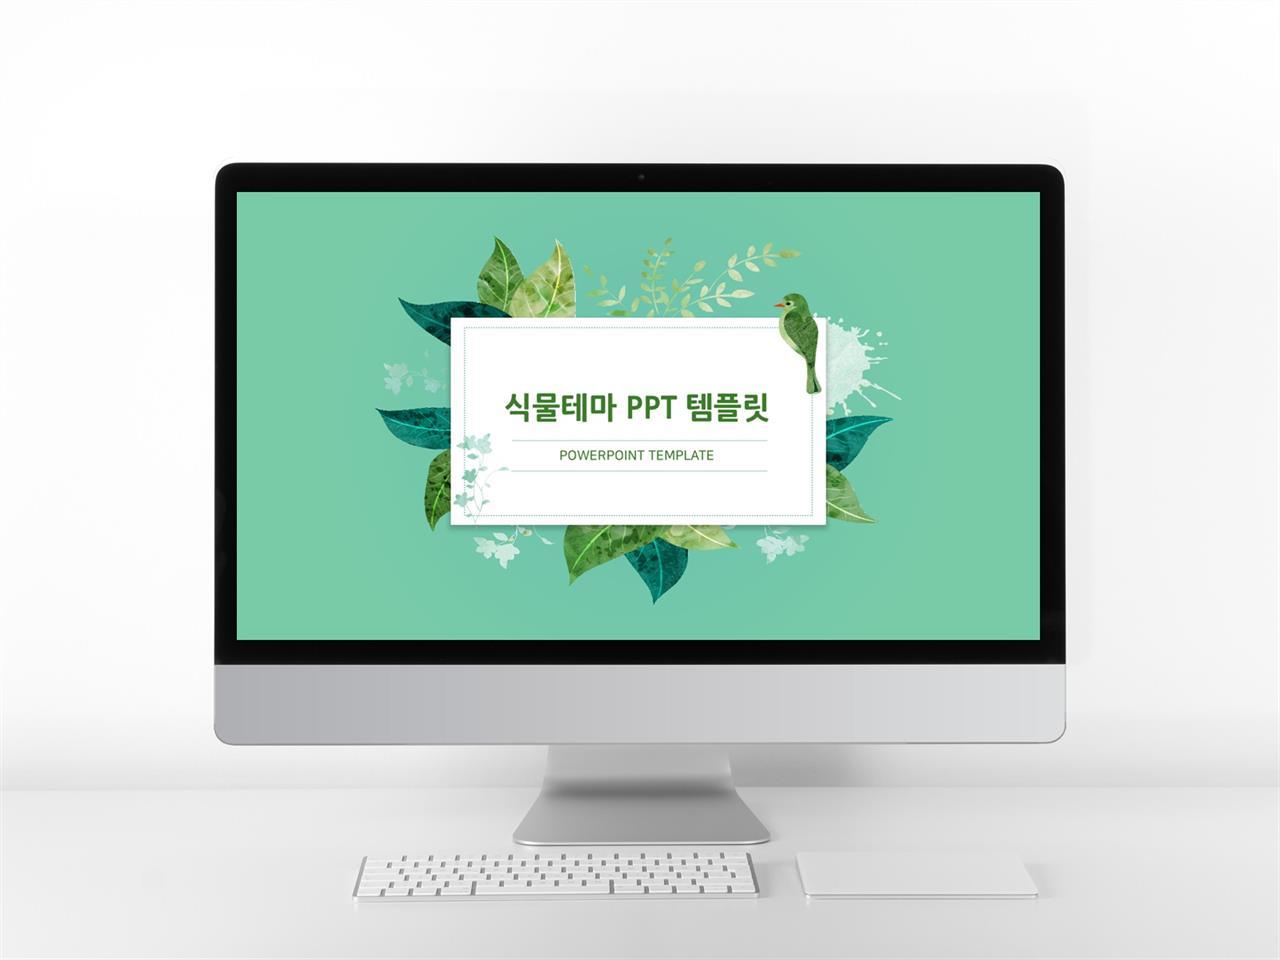 꽃과 동식물 주제 풀색 아담한 고급스럽운 파워포인트템플릿 사이트 미리보기